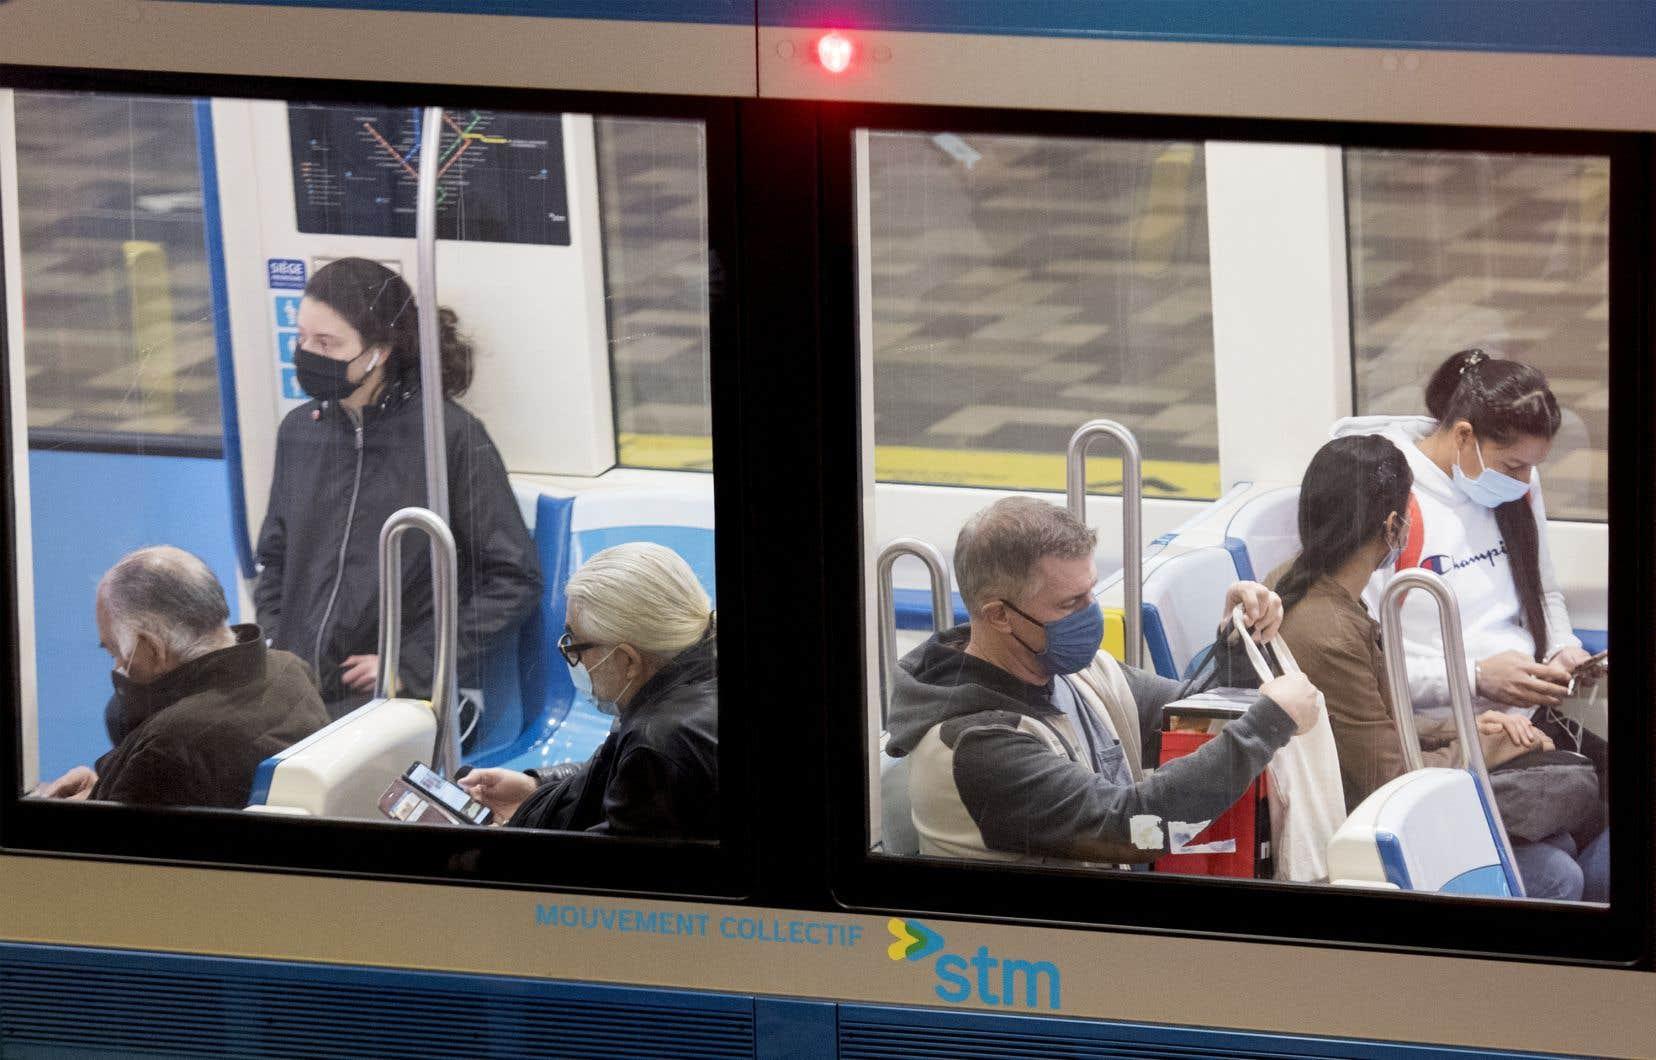 «Non, ça ne va pas bien en ville, chers amis, du moins dans la vraie réalité des simples usagers de la STM qui payent leurs frais mensuels, portent un masque tout en étant constamment sur leurs gardes», écrit l'autrice.